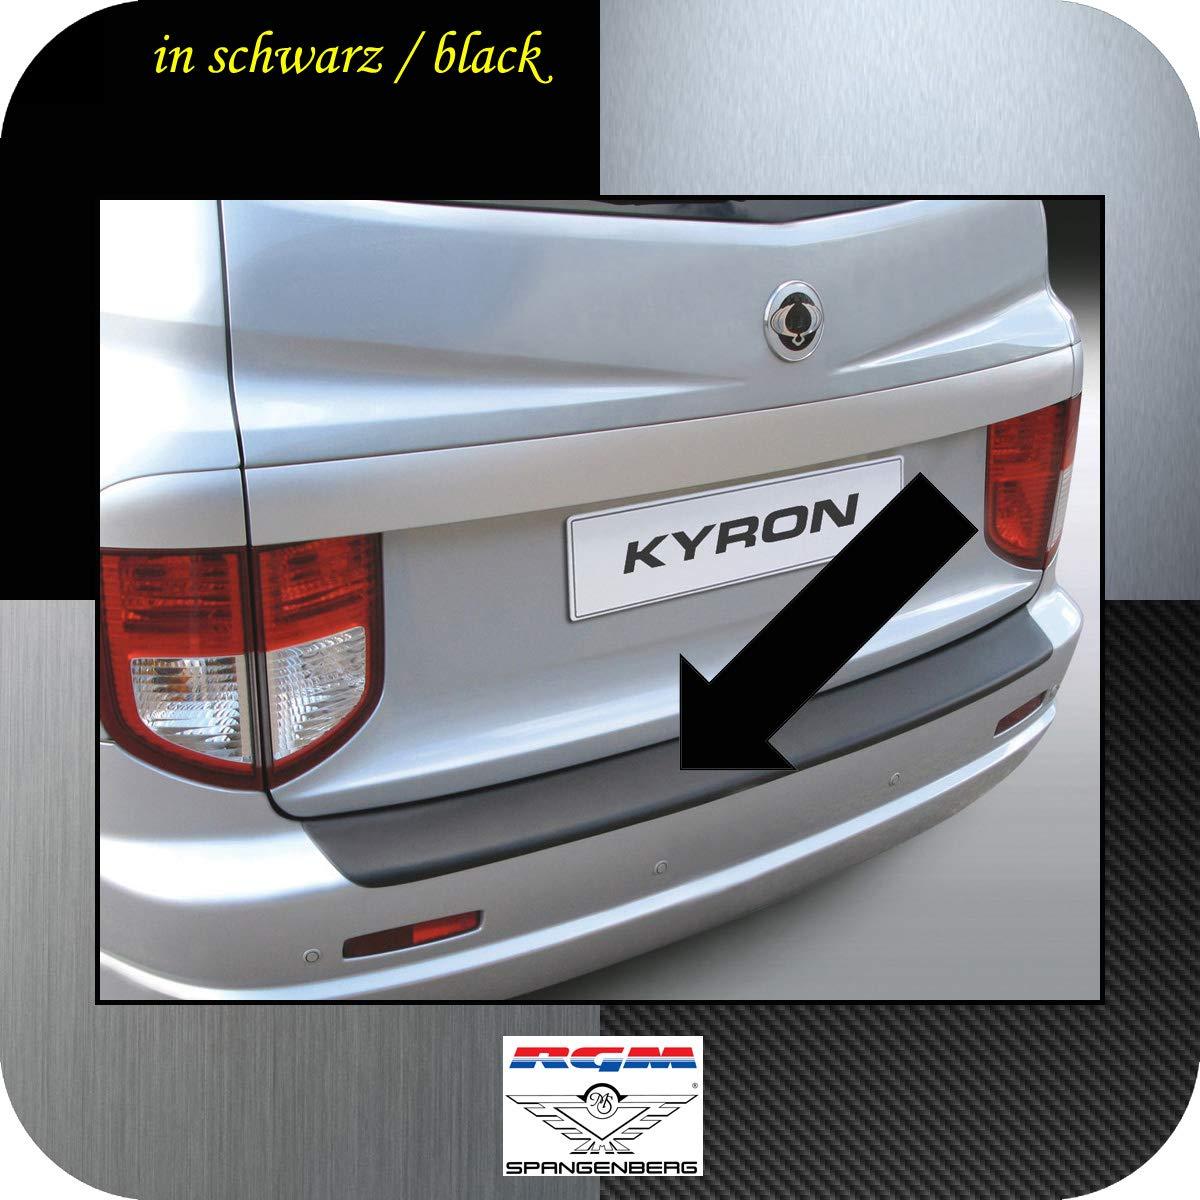 Richard Grant Mouldings Ltd. RGM RBP150 - Protección para el Borde del Maletero para SsangYong Kyron SUV Combi de 5 Puertas, año de fabricación 05.2005 ...